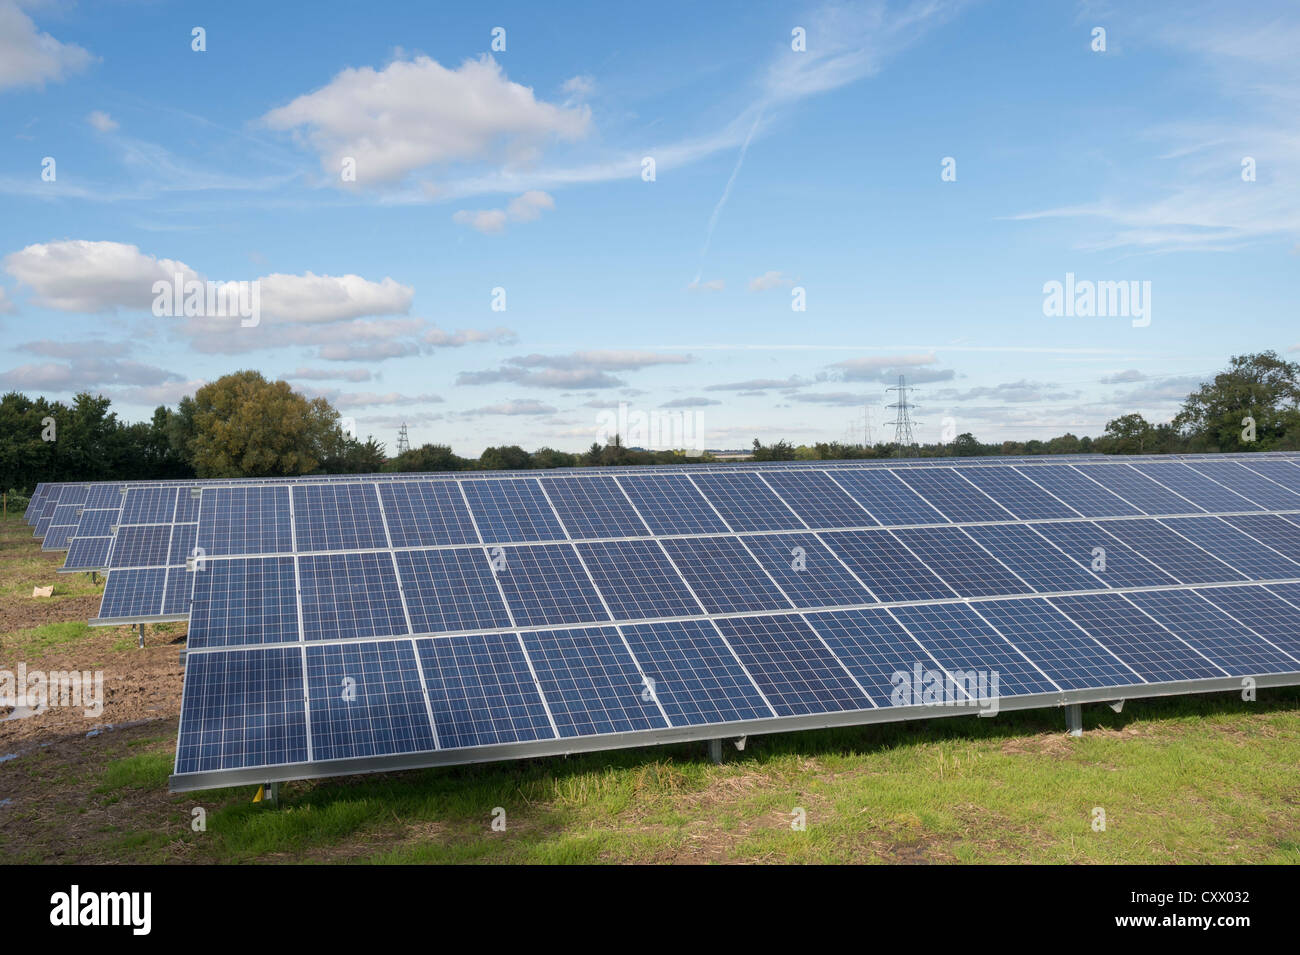 Los paneles solares están instalados en la granja, Westonzoyland Parkwall Road, Bridgewater. Imagen De Stock